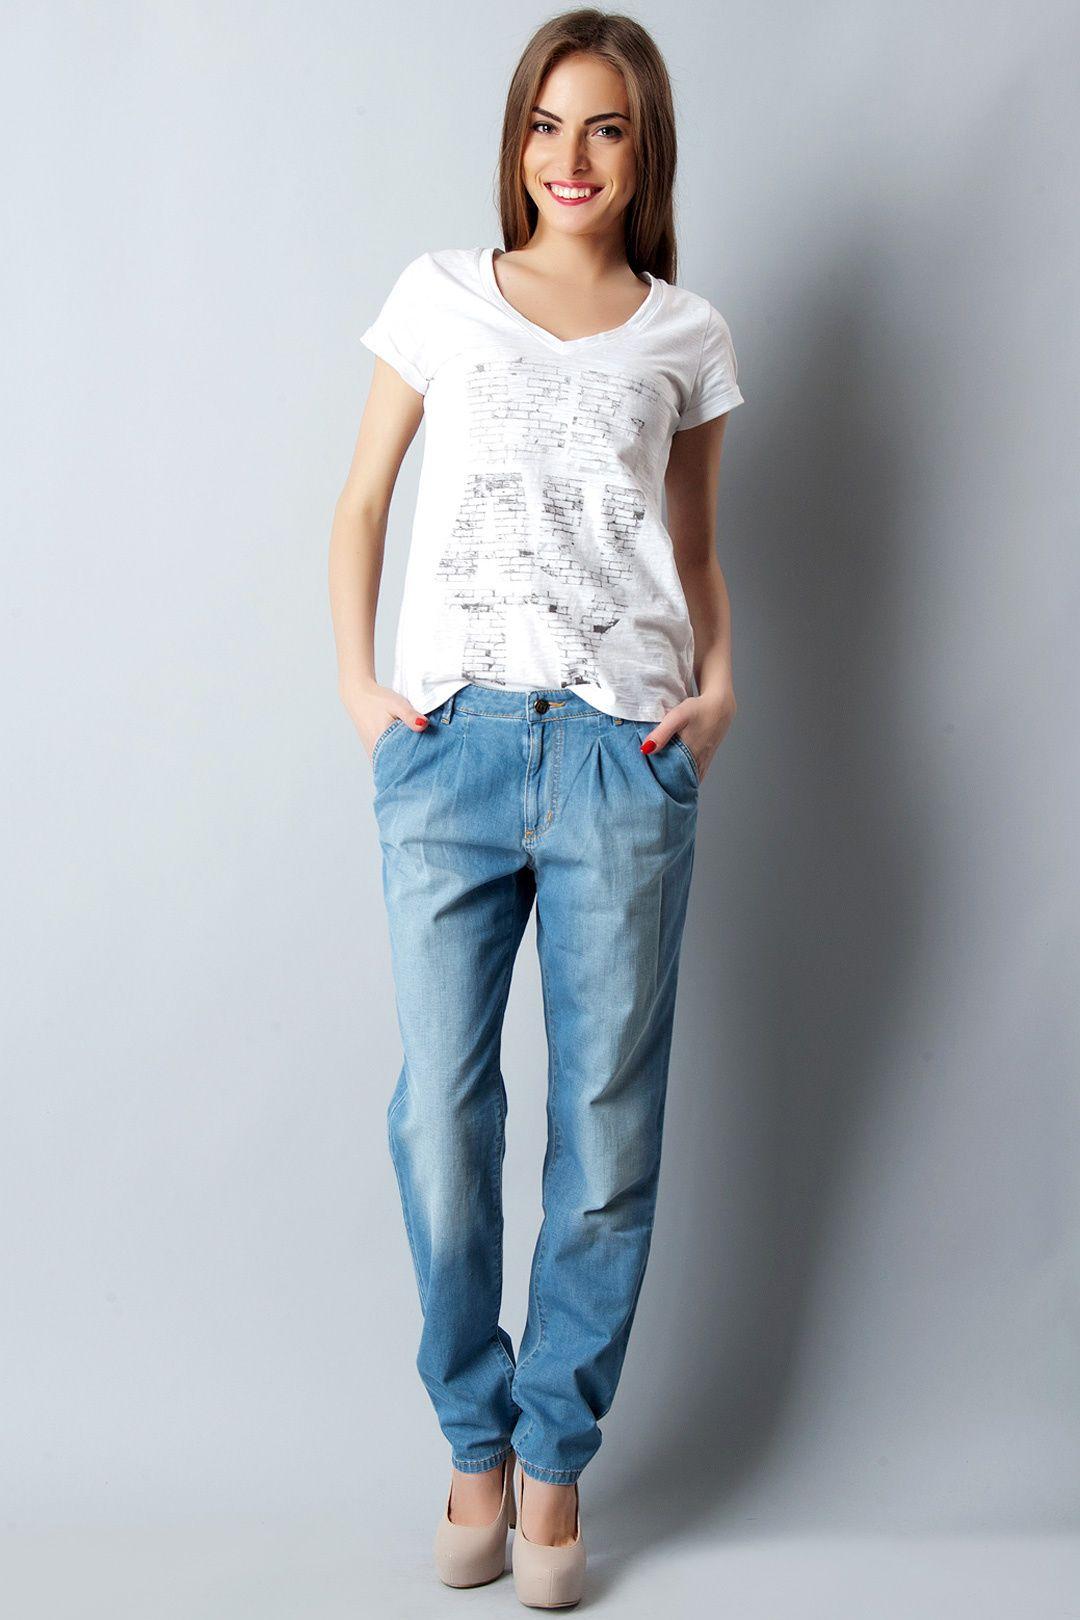 Модные джинсы 2015. 8 трендов